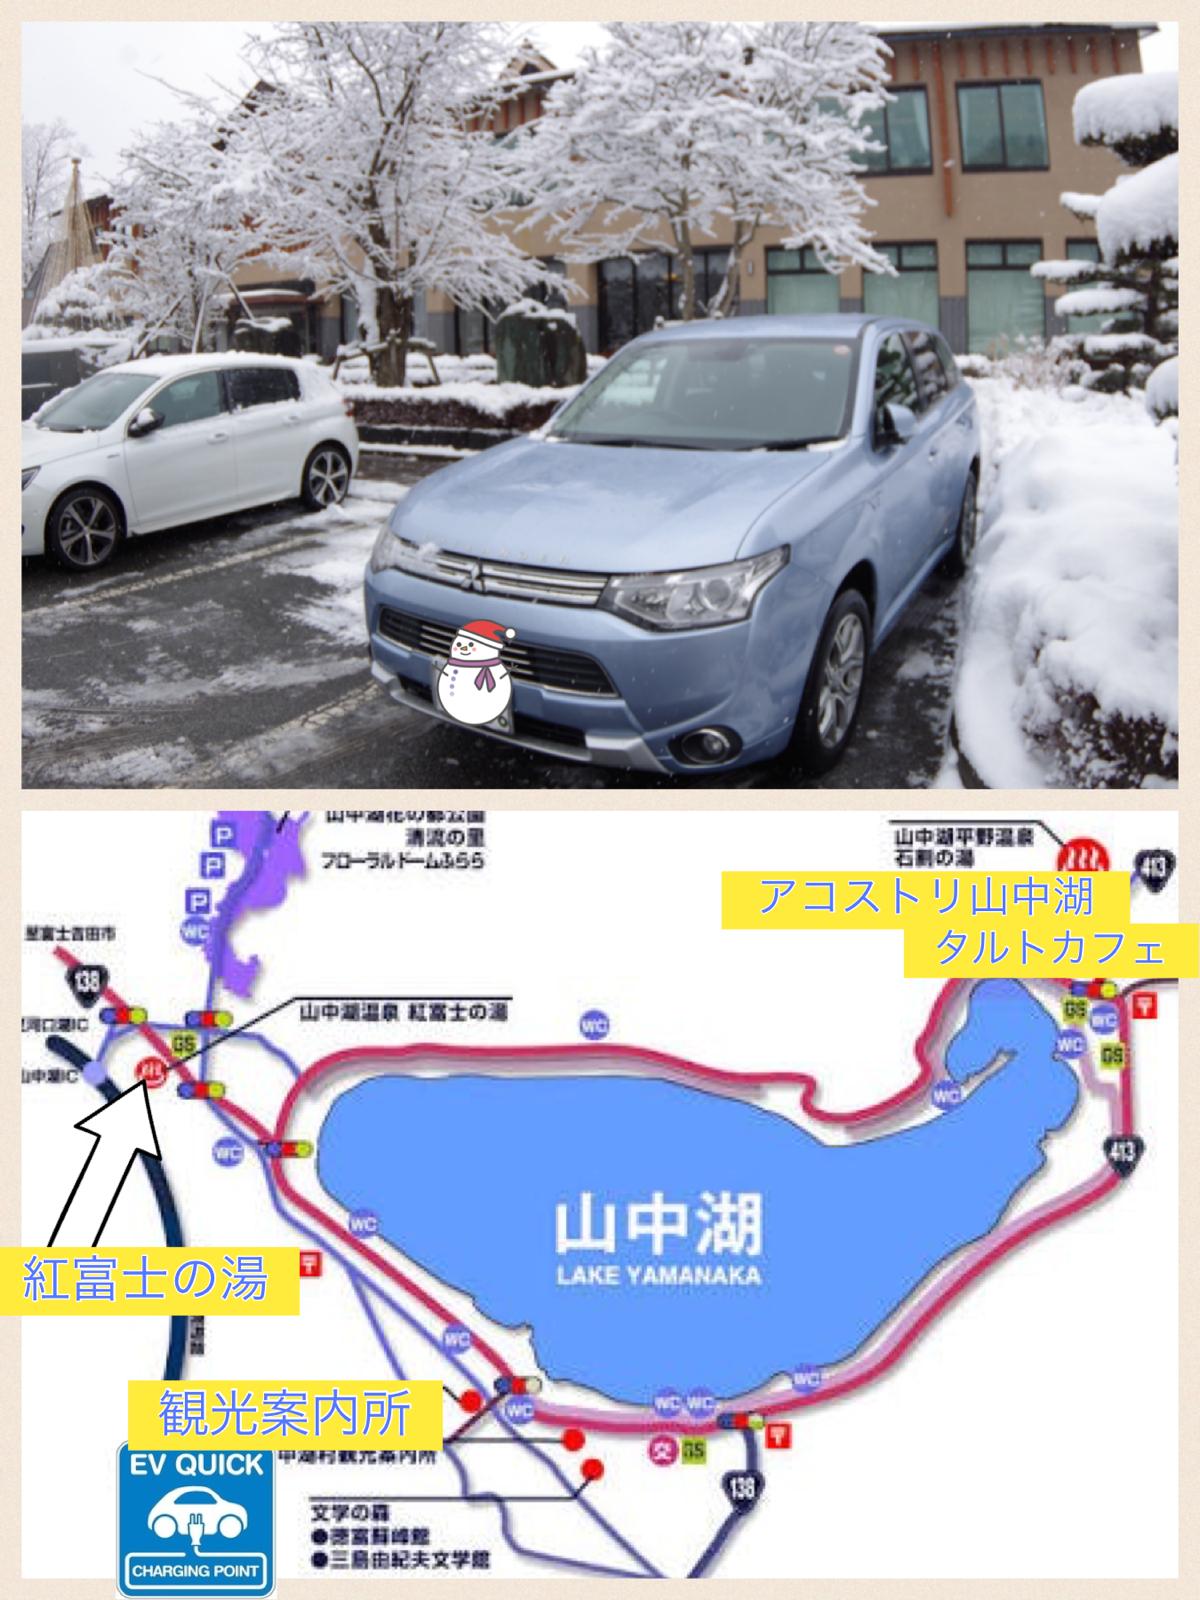 山中湖 紅富士の湯 雪景色